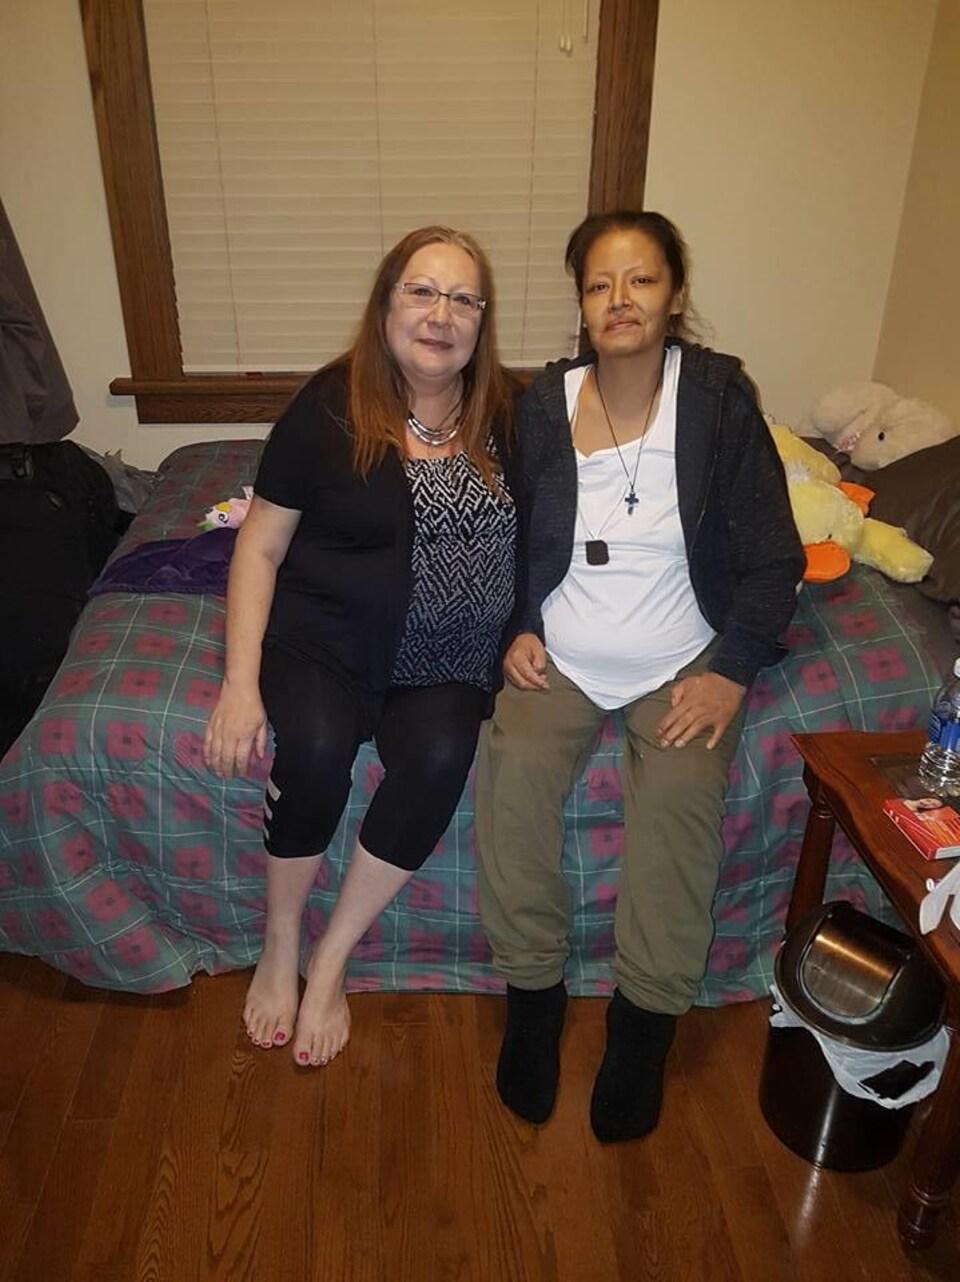 Les deux femmes posent collées, assises sur un lit dans un chambre